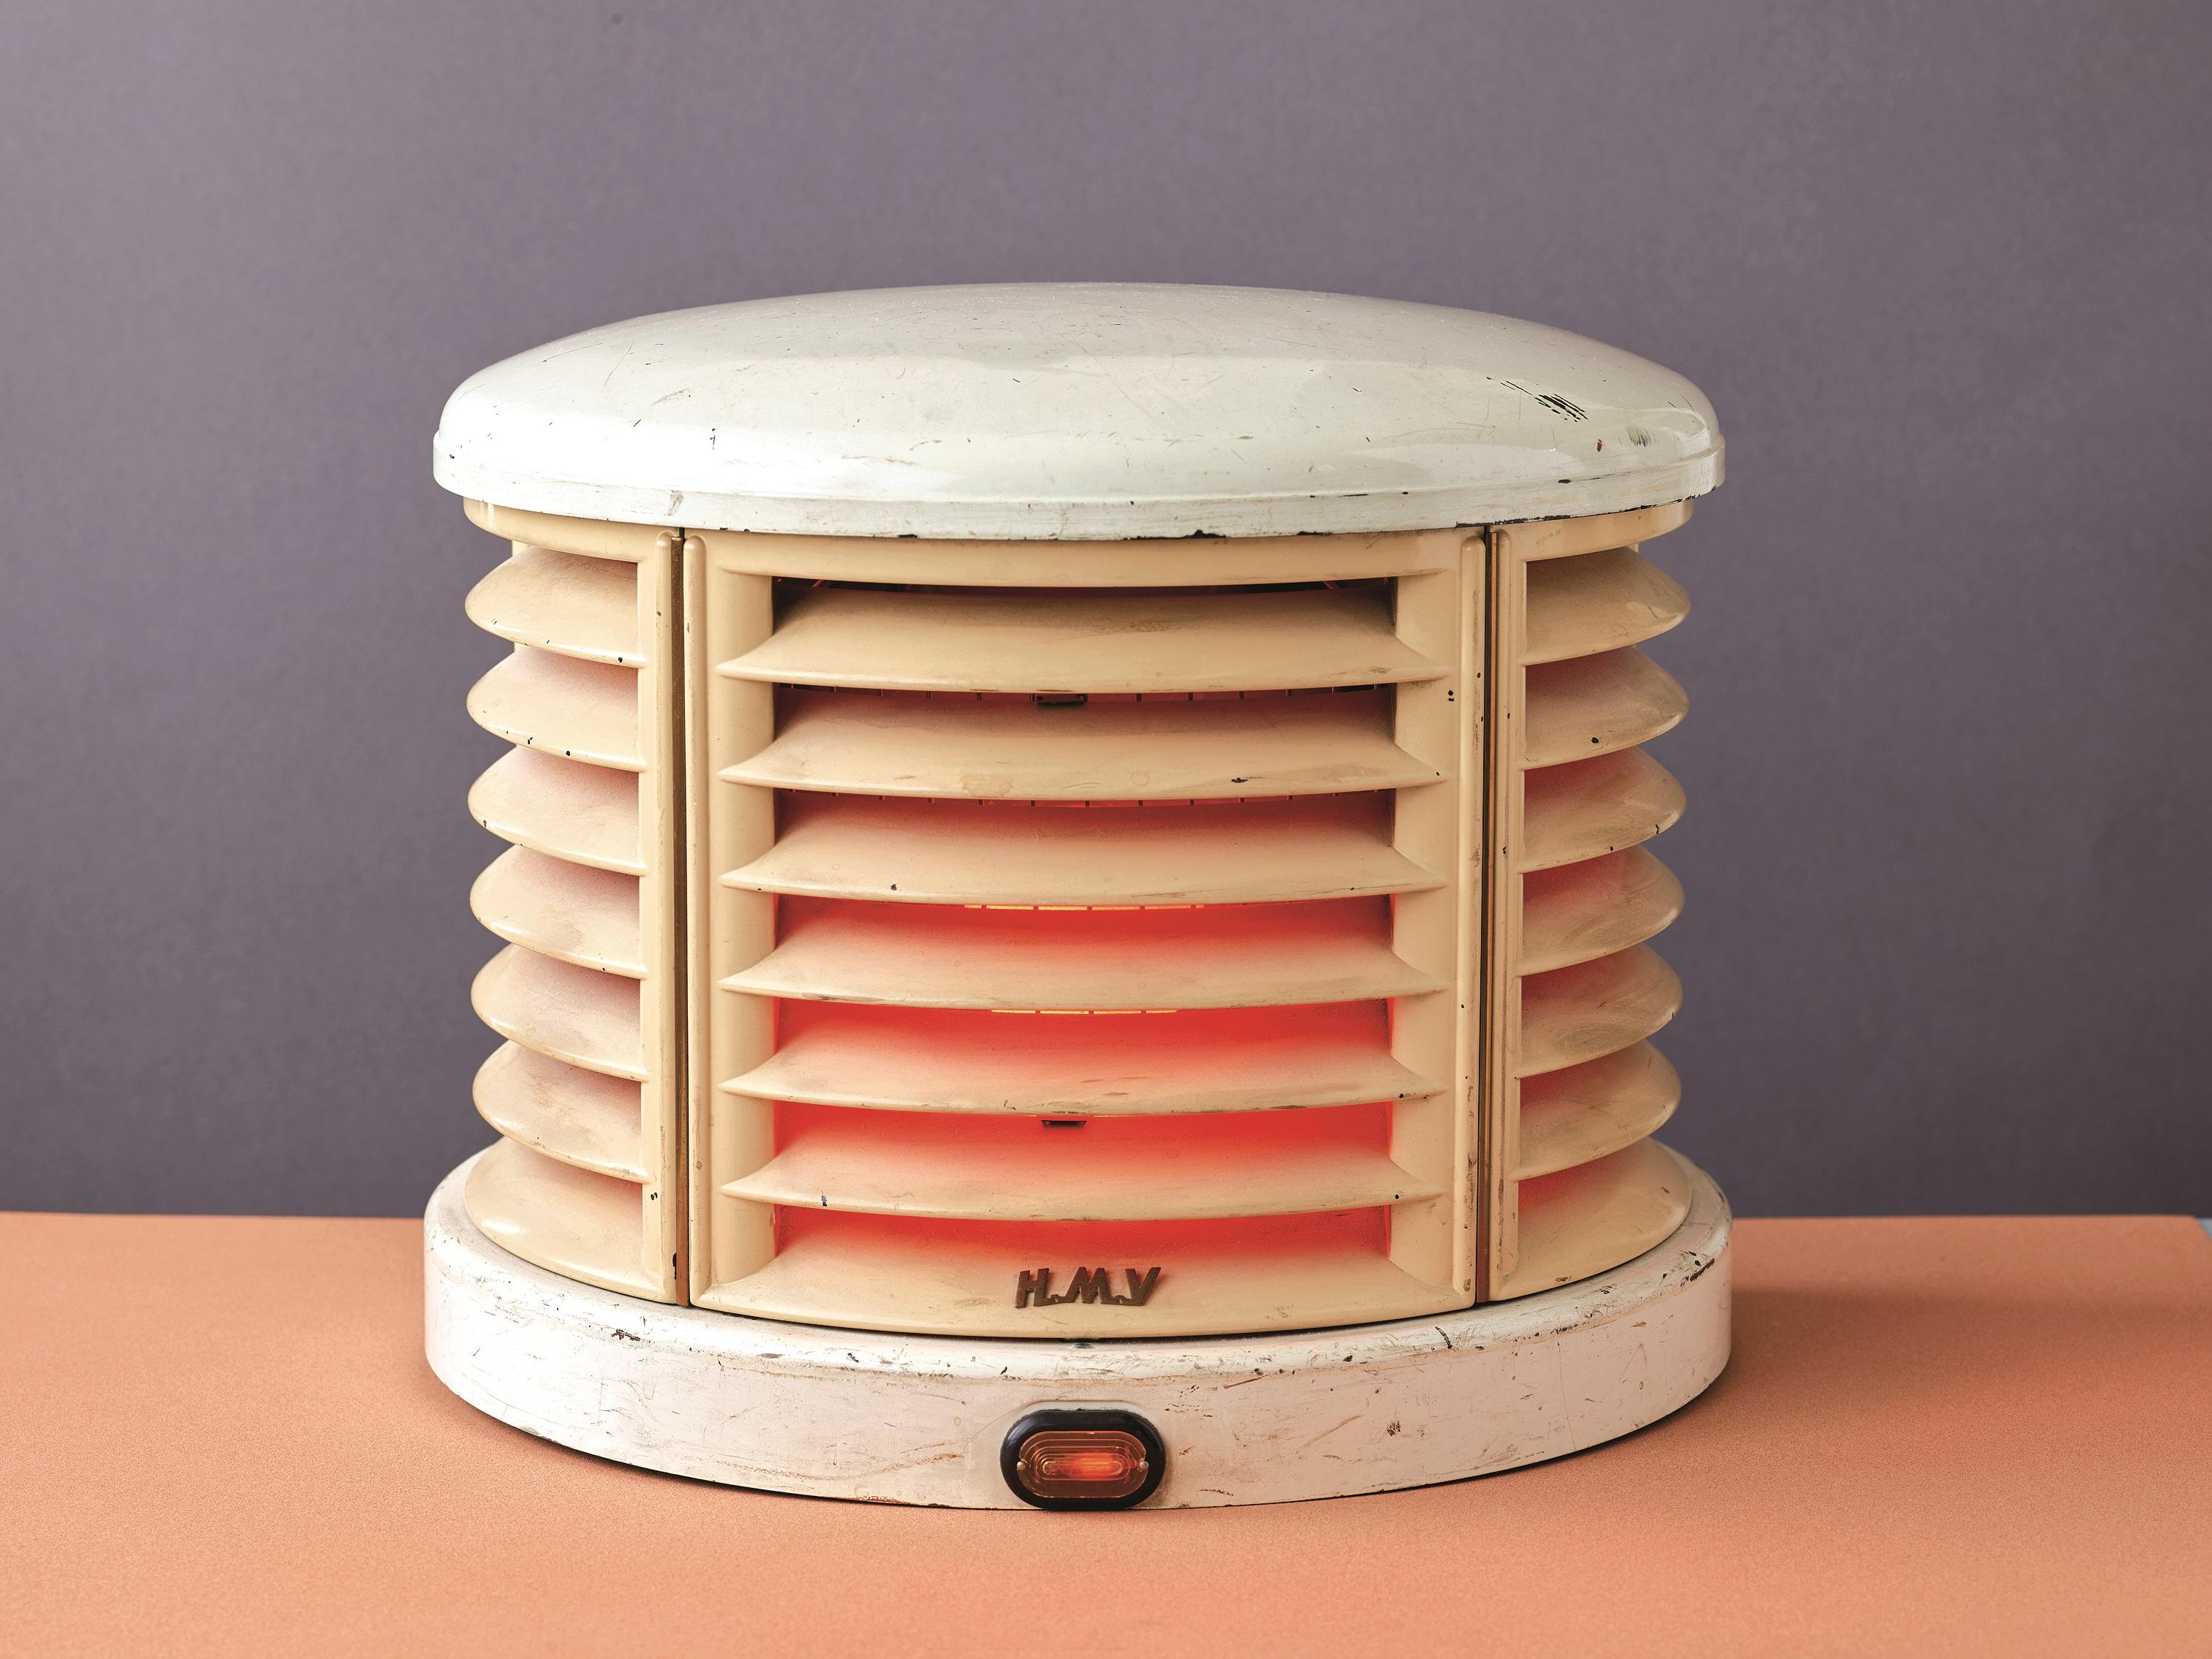 heater (Tony Briscoe/PA)